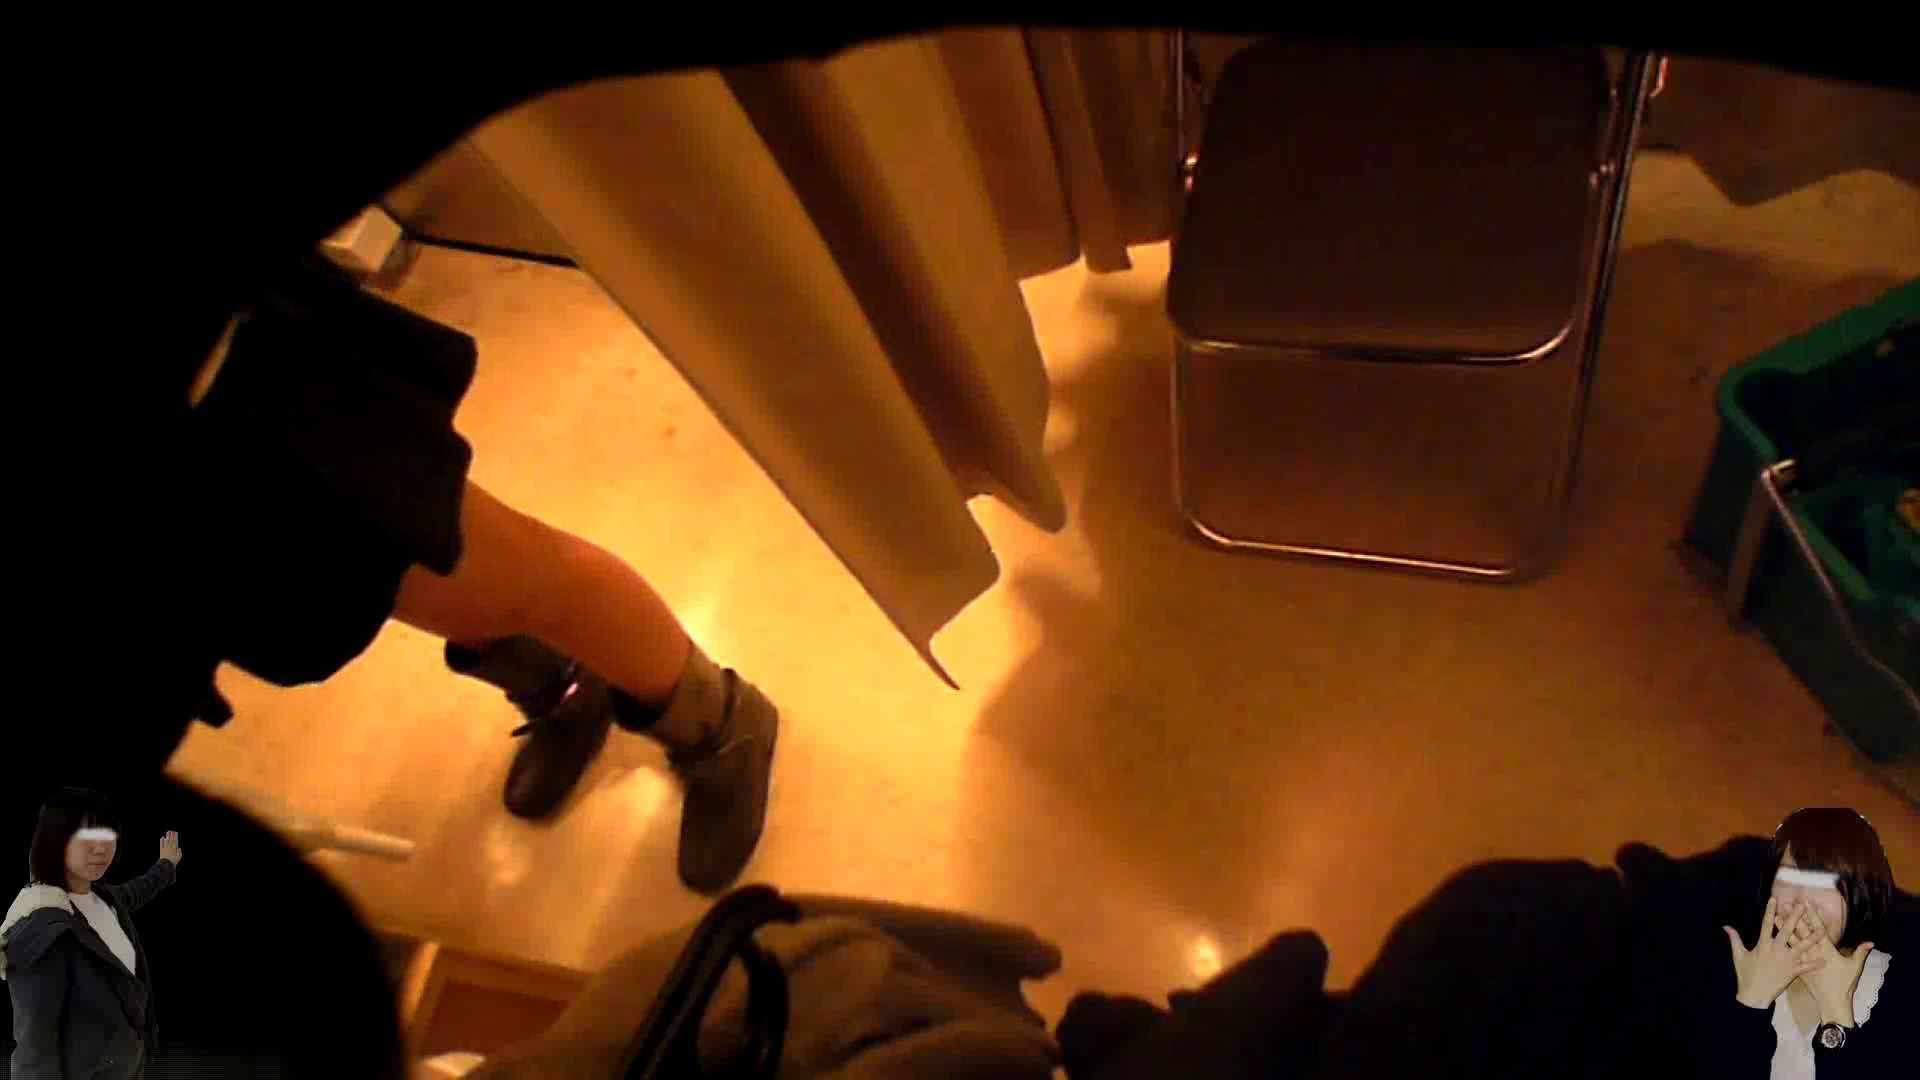 素人投稿 現役「JD」Eちゃんの着替え Vol.05 着替え 盗撮セックス無修正動画無料 111画像 3